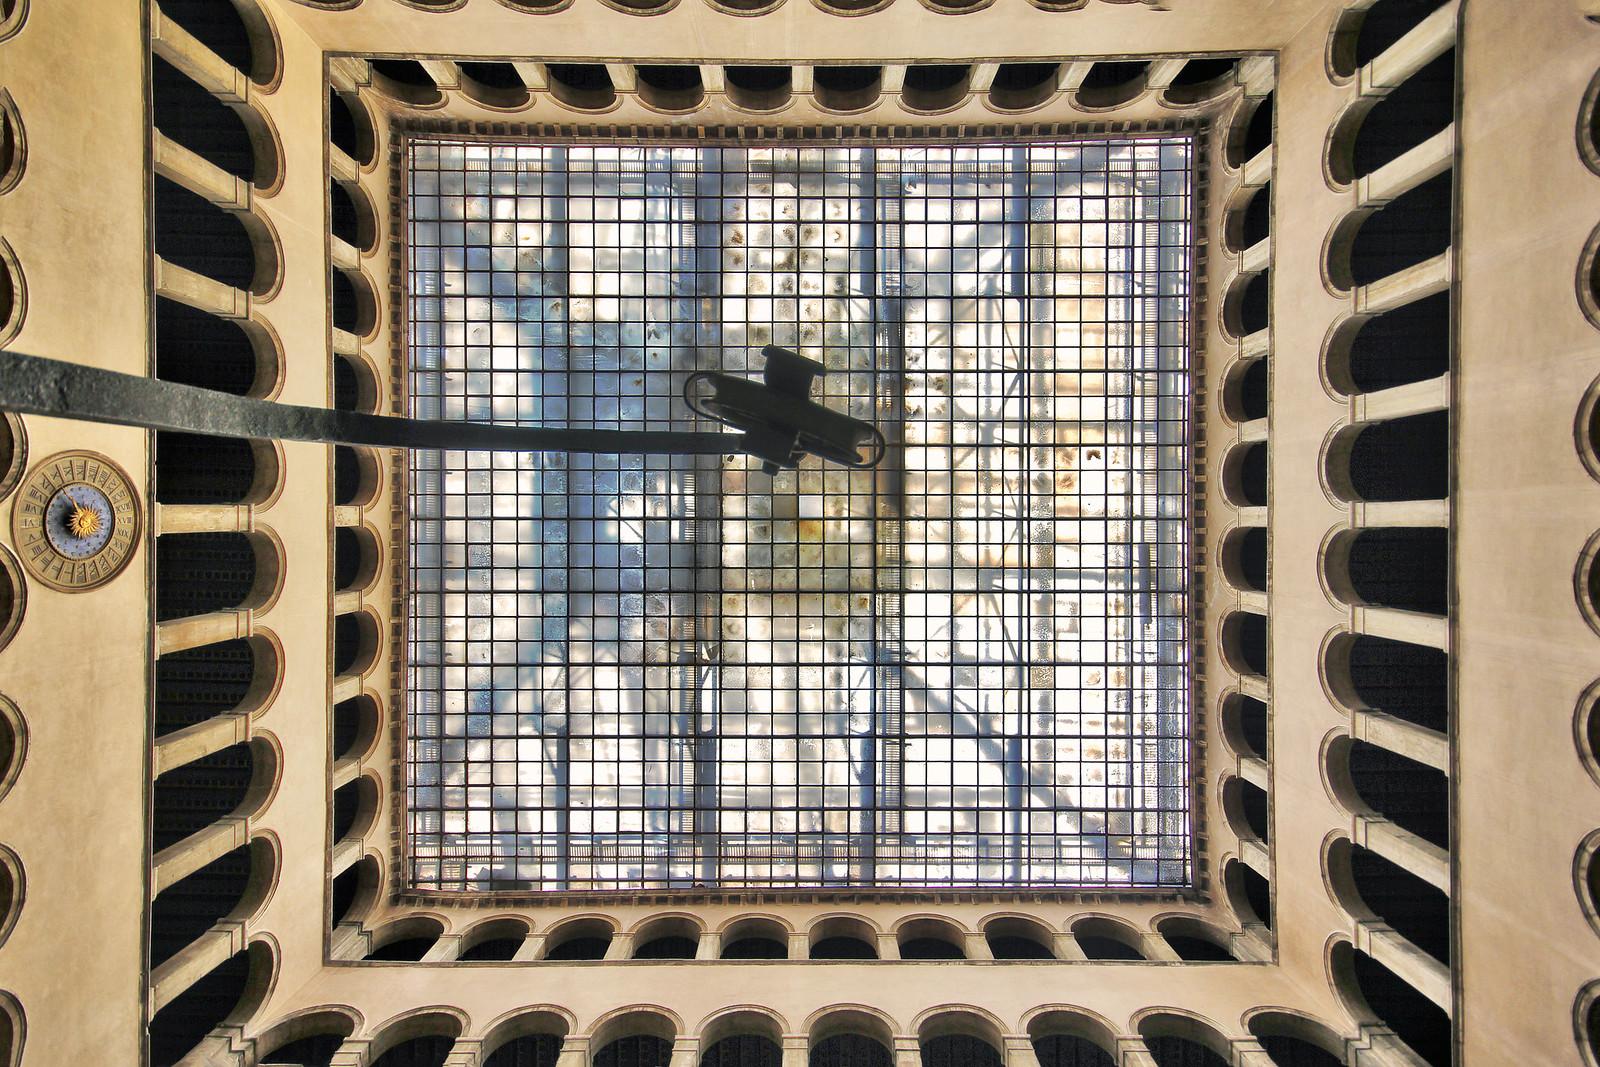 Fondaco dei Tedeschi (Venice)